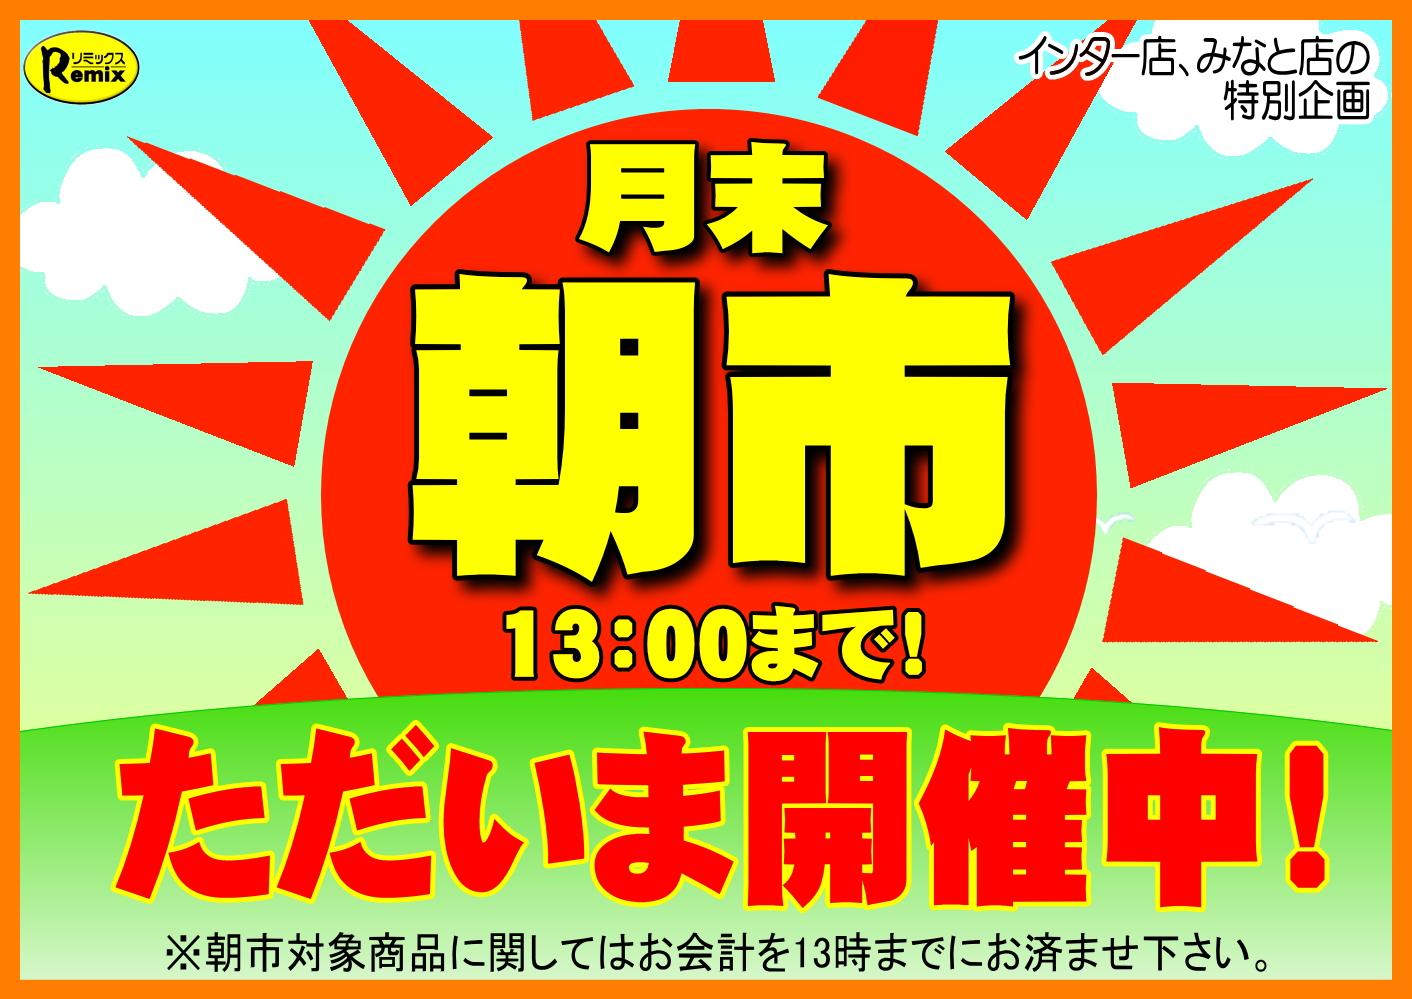 あす5/26(土)あさ10時です!!インター店の月末朝市♪